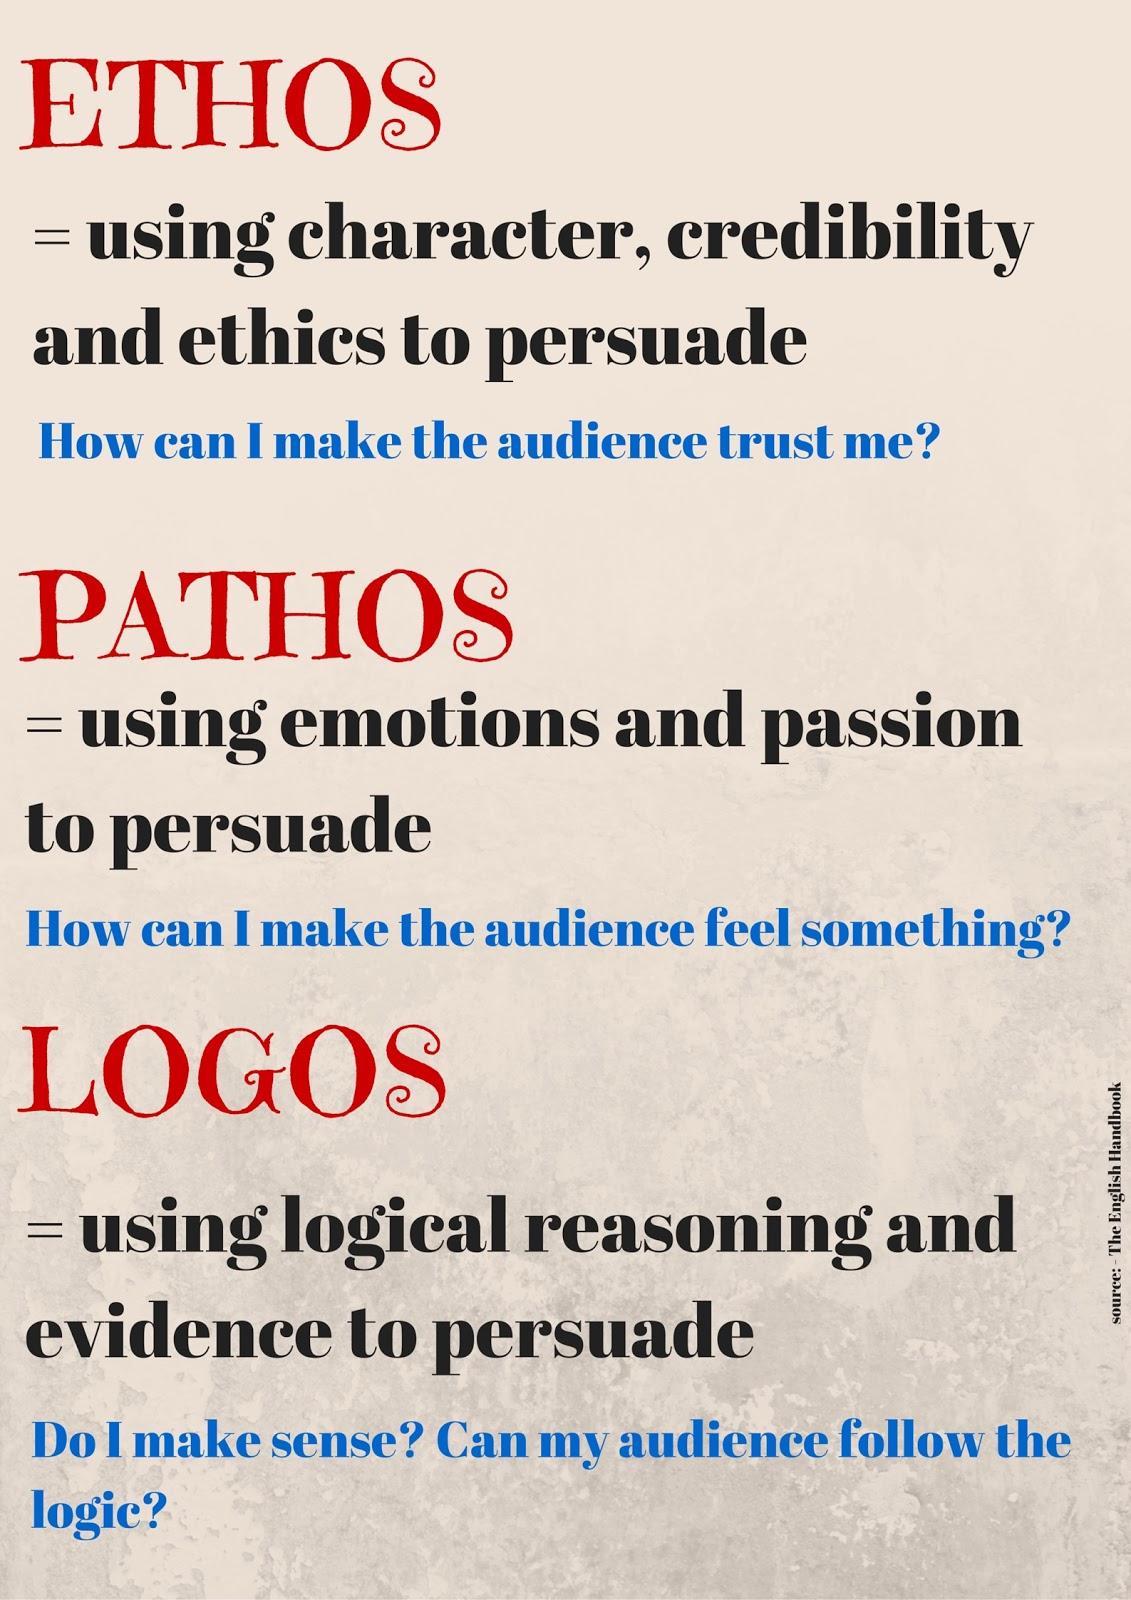 sbn ethos pathos logos essay